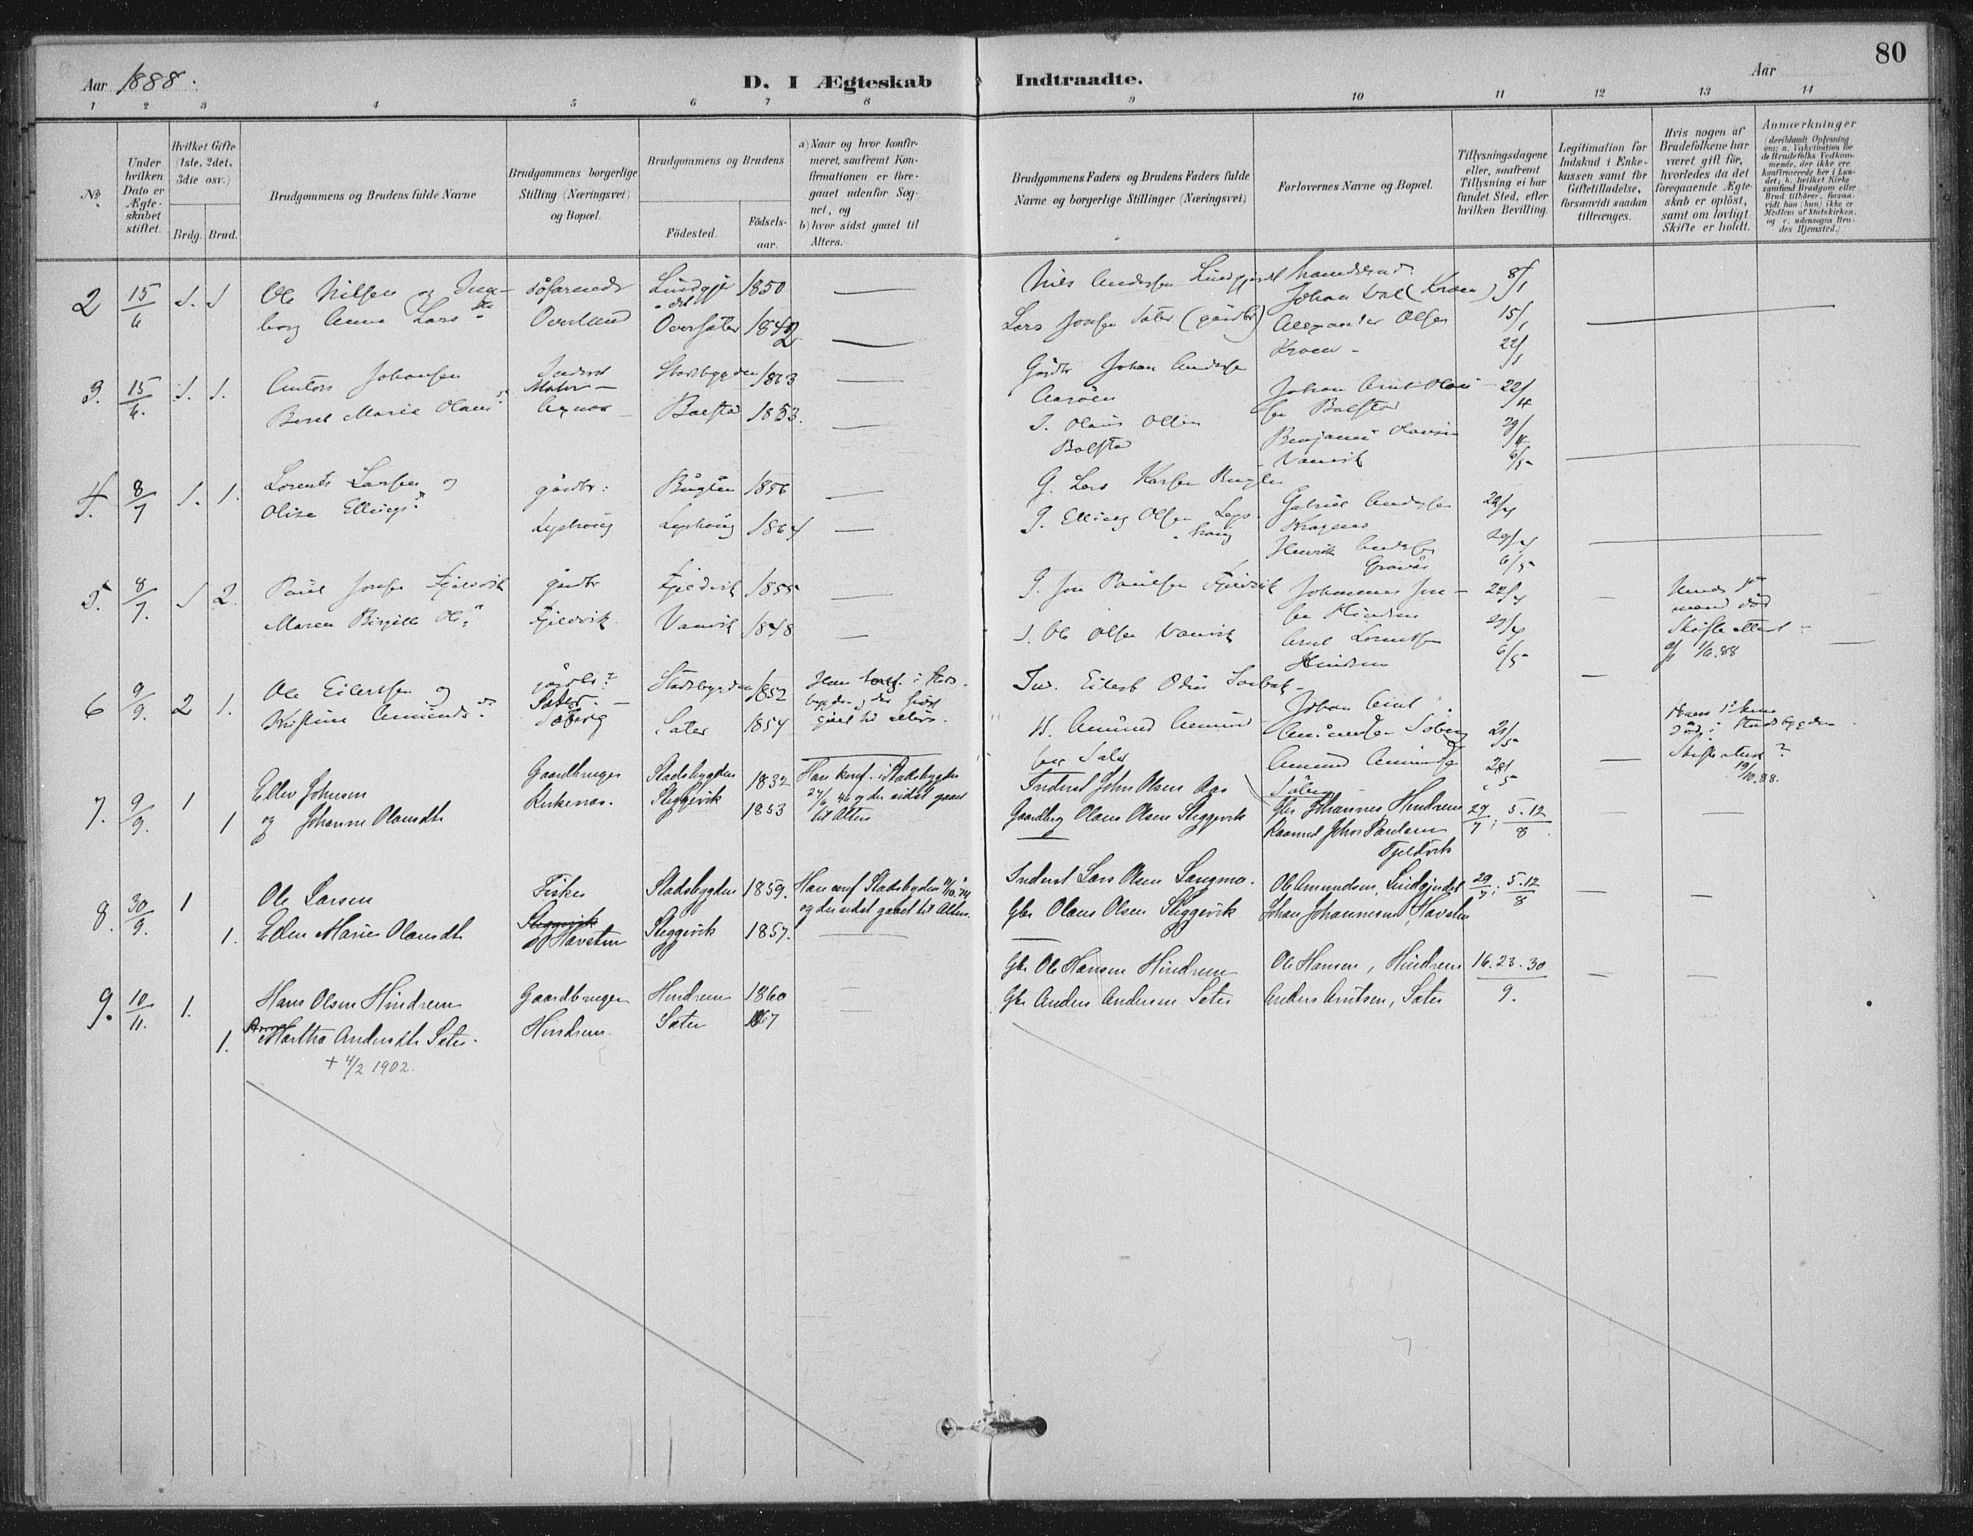 SAT, Ministerialprotokoller, klokkerbøker og fødselsregistre - Nord-Trøndelag, 702/L0023: Ministerialbok nr. 702A01, 1883-1897, s. 80